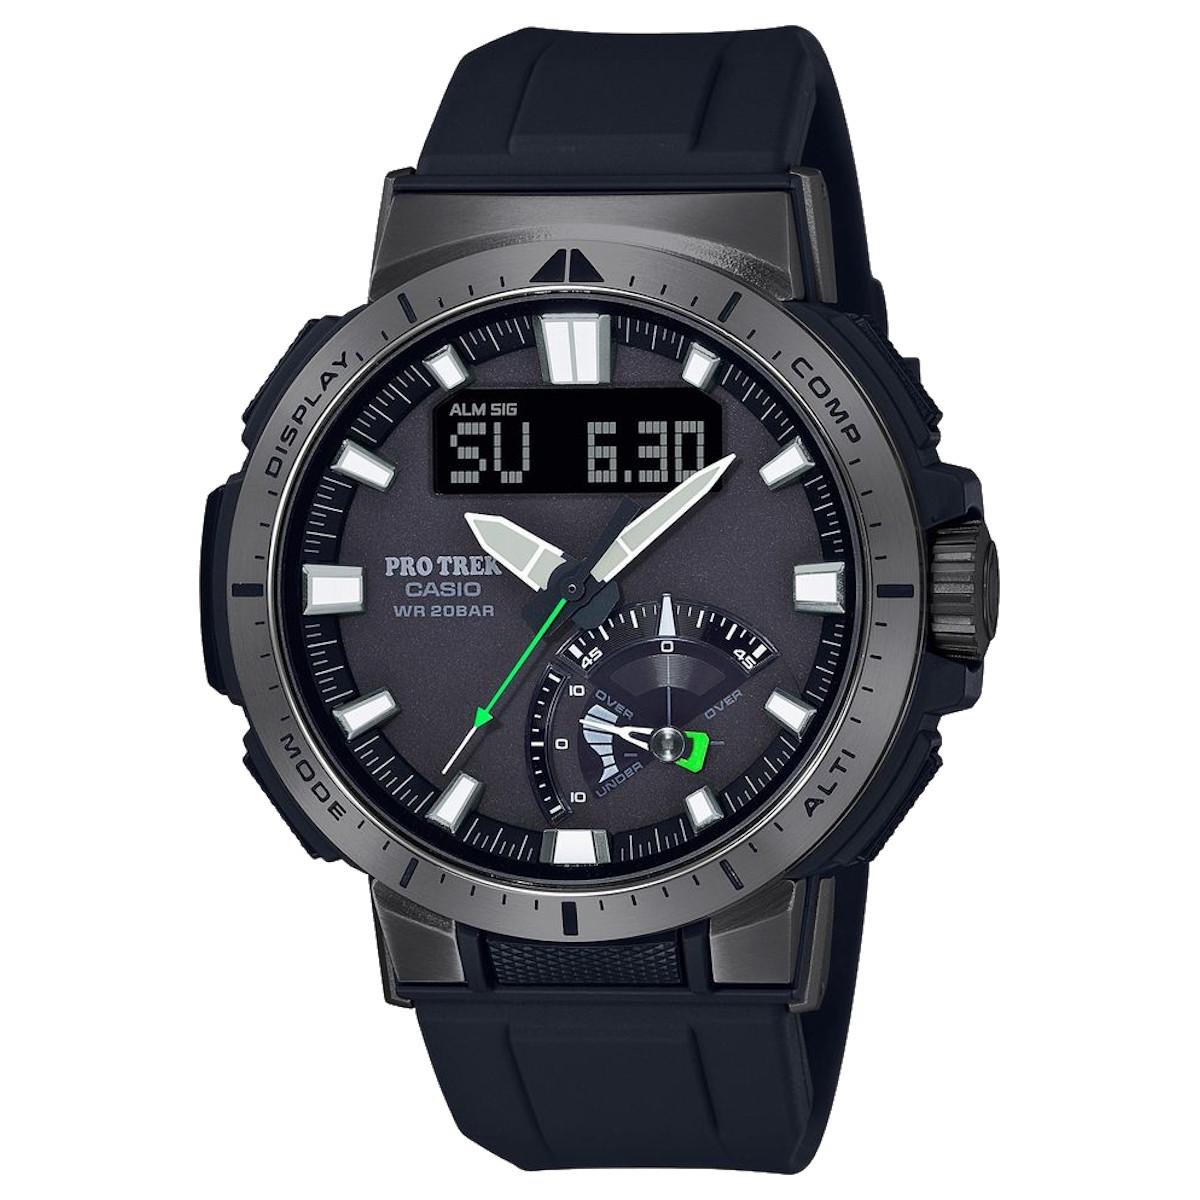 カシオ計算機(CASIO) プロトレック マルチフィールドライン PRW-70Y-1JF (高機能腕時計/登山/釣り/アウトドア/キャンプ)※メーカーお取り寄せ商品